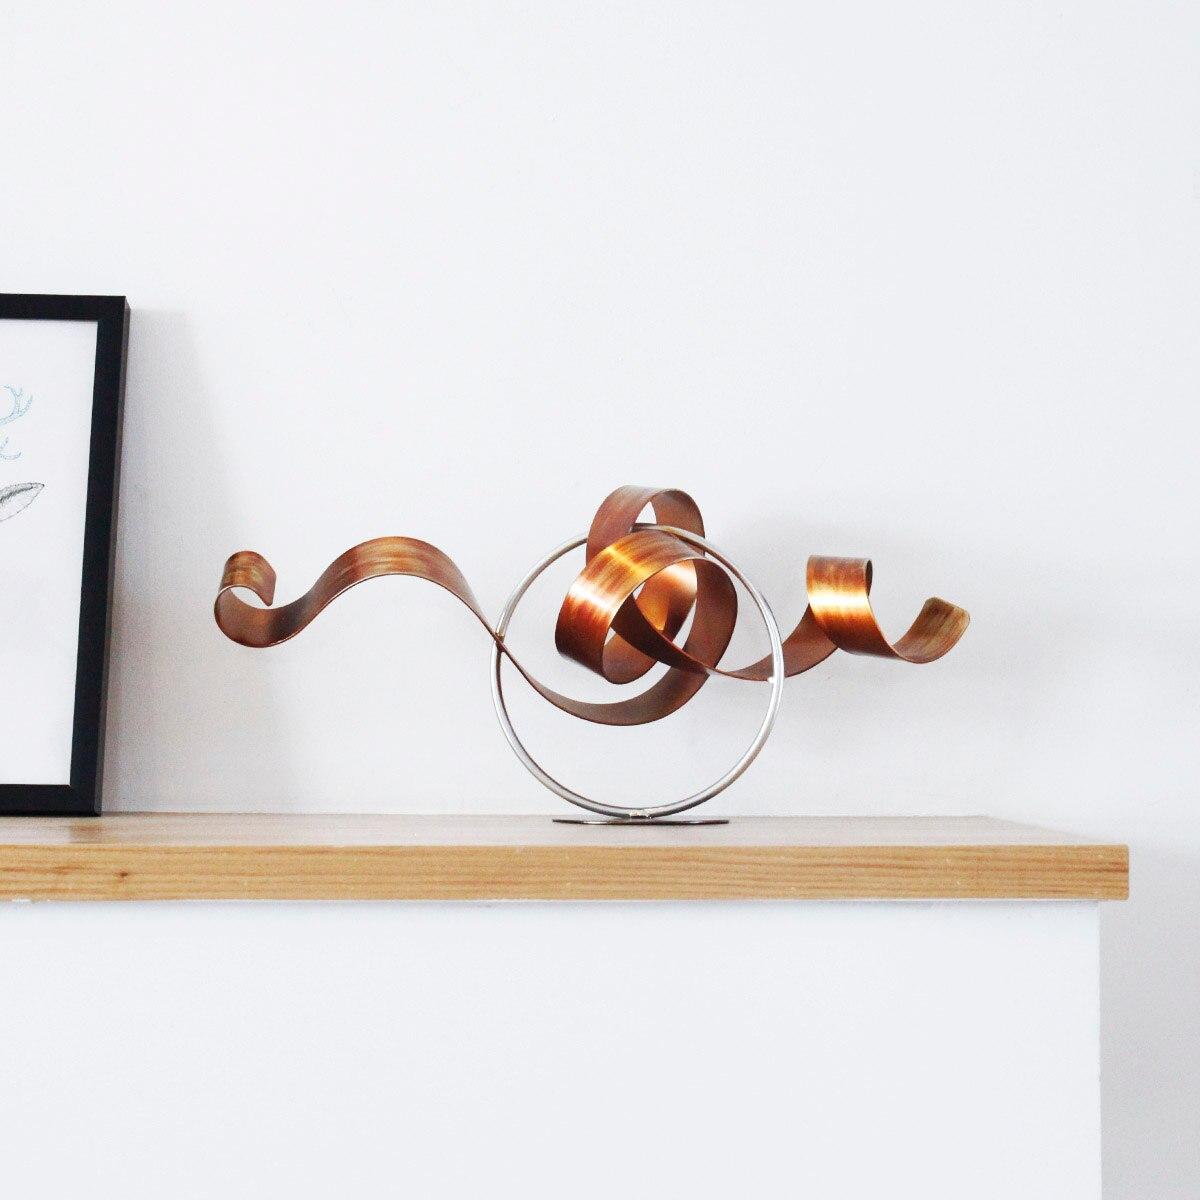 Modieuze Ijzer Wriggle Moderne Sculptuur Abstracte Sculptuur Kunstwerk Metalen Sculptuur Ijzer Woondecoratie Indoor Outdoor Decor-in Beelden & Sculpturen van Huis & Tuin op  Groep 1